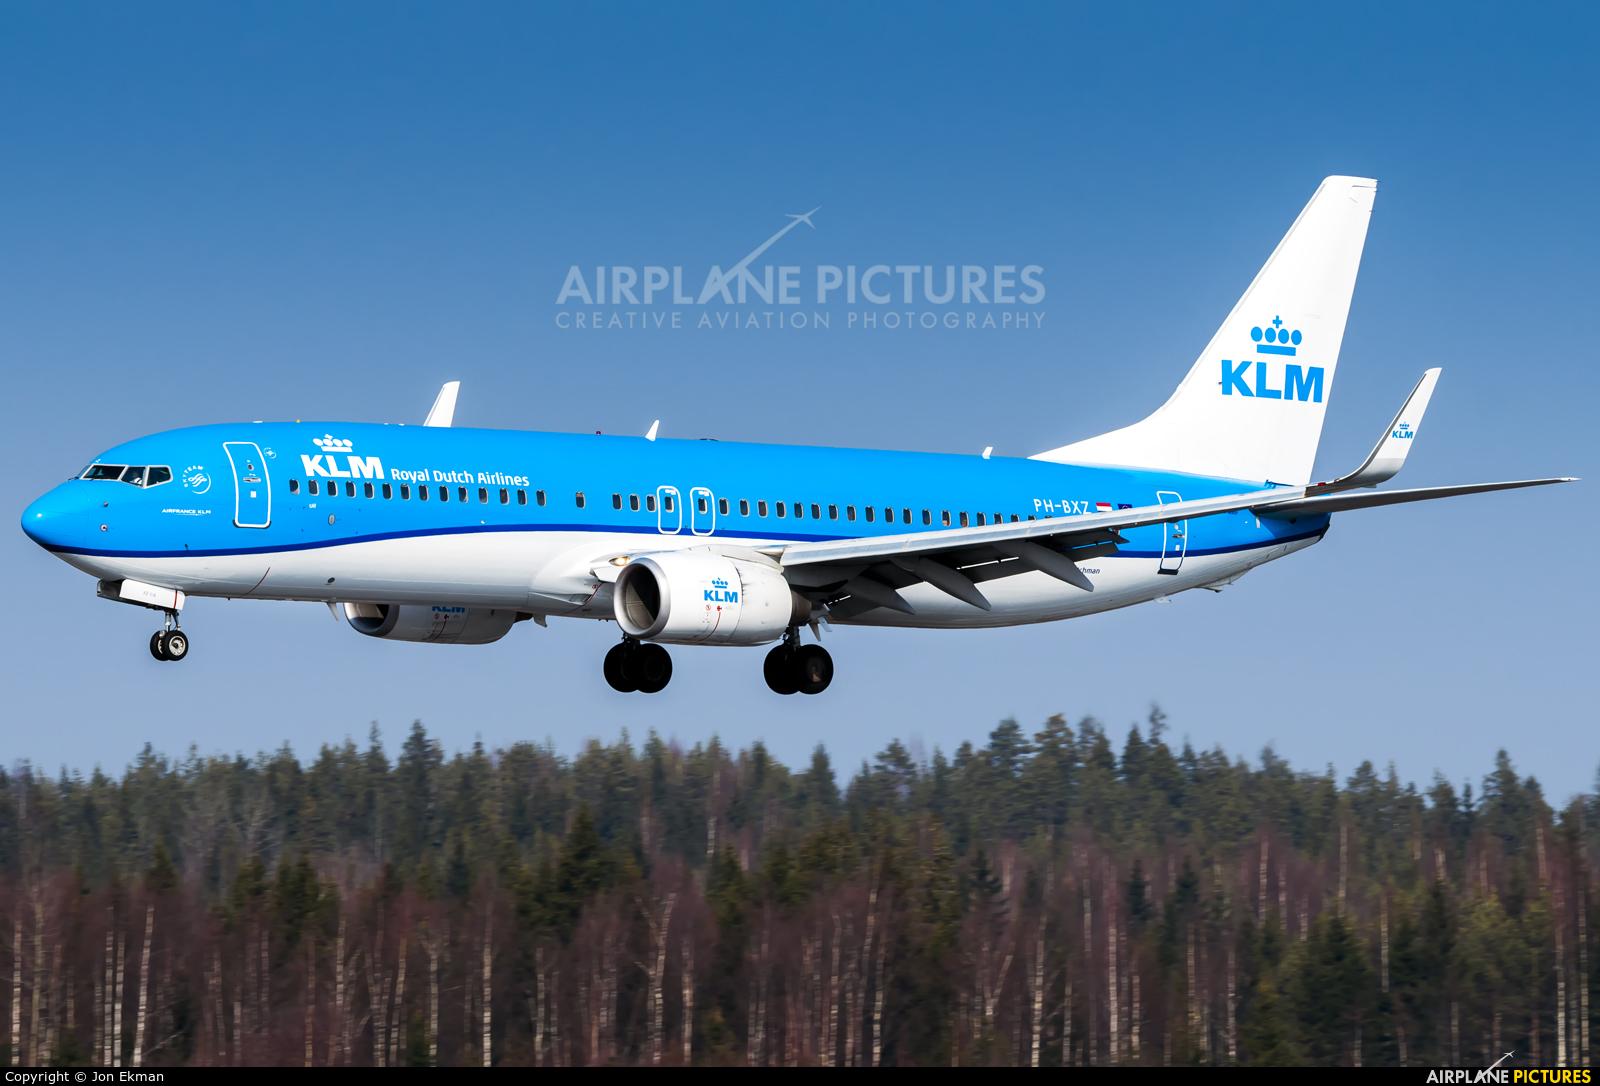 KLM PH-BXZ aircraft at Helsinki - Vantaa